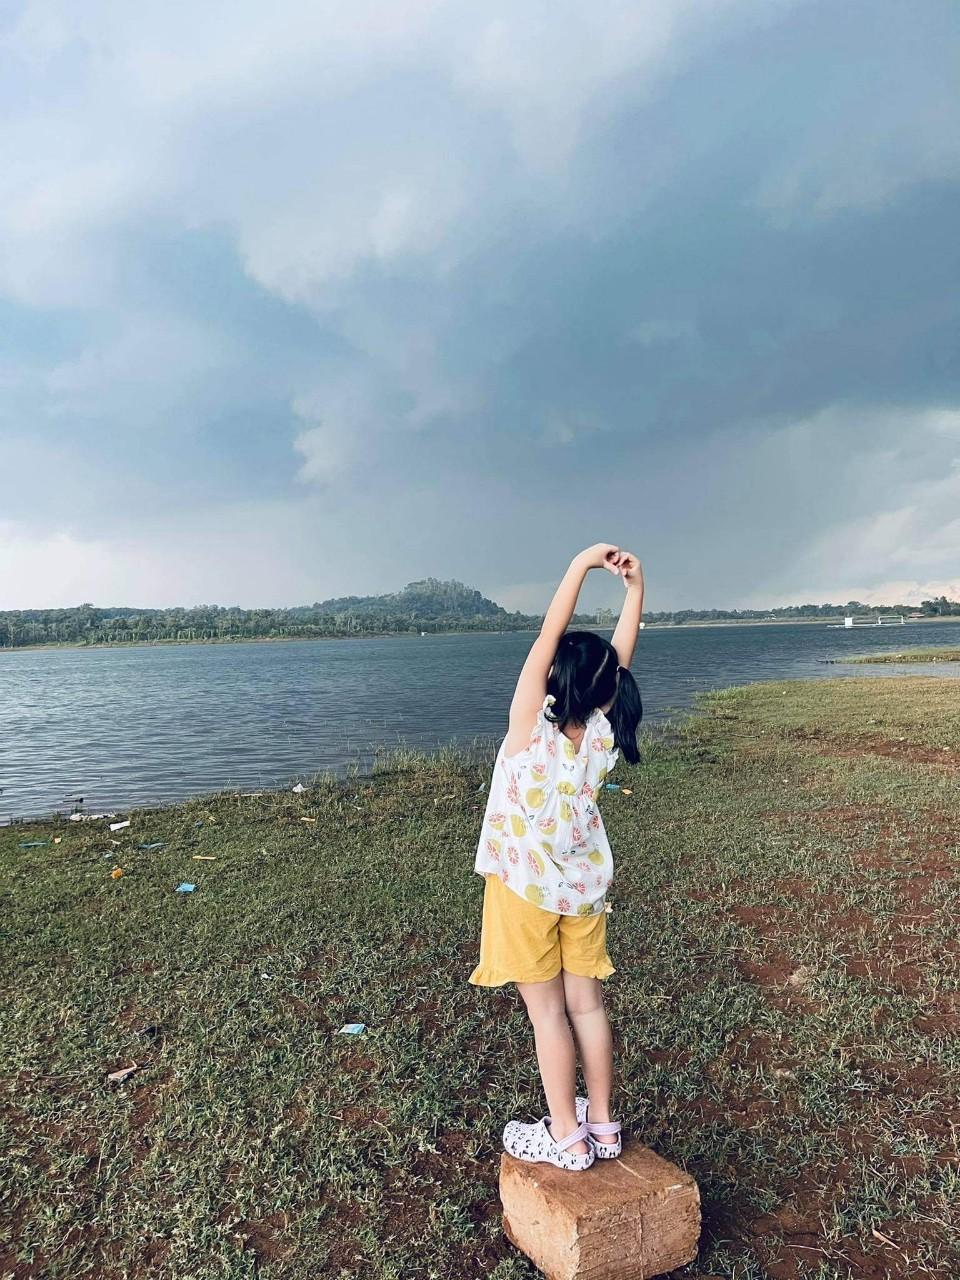 """Đắk Lắk: Giới trẻ mê mẩn điểm chụp hình sinh thái """"sống ảo"""" đẹp nao lòng - Ảnh 6."""